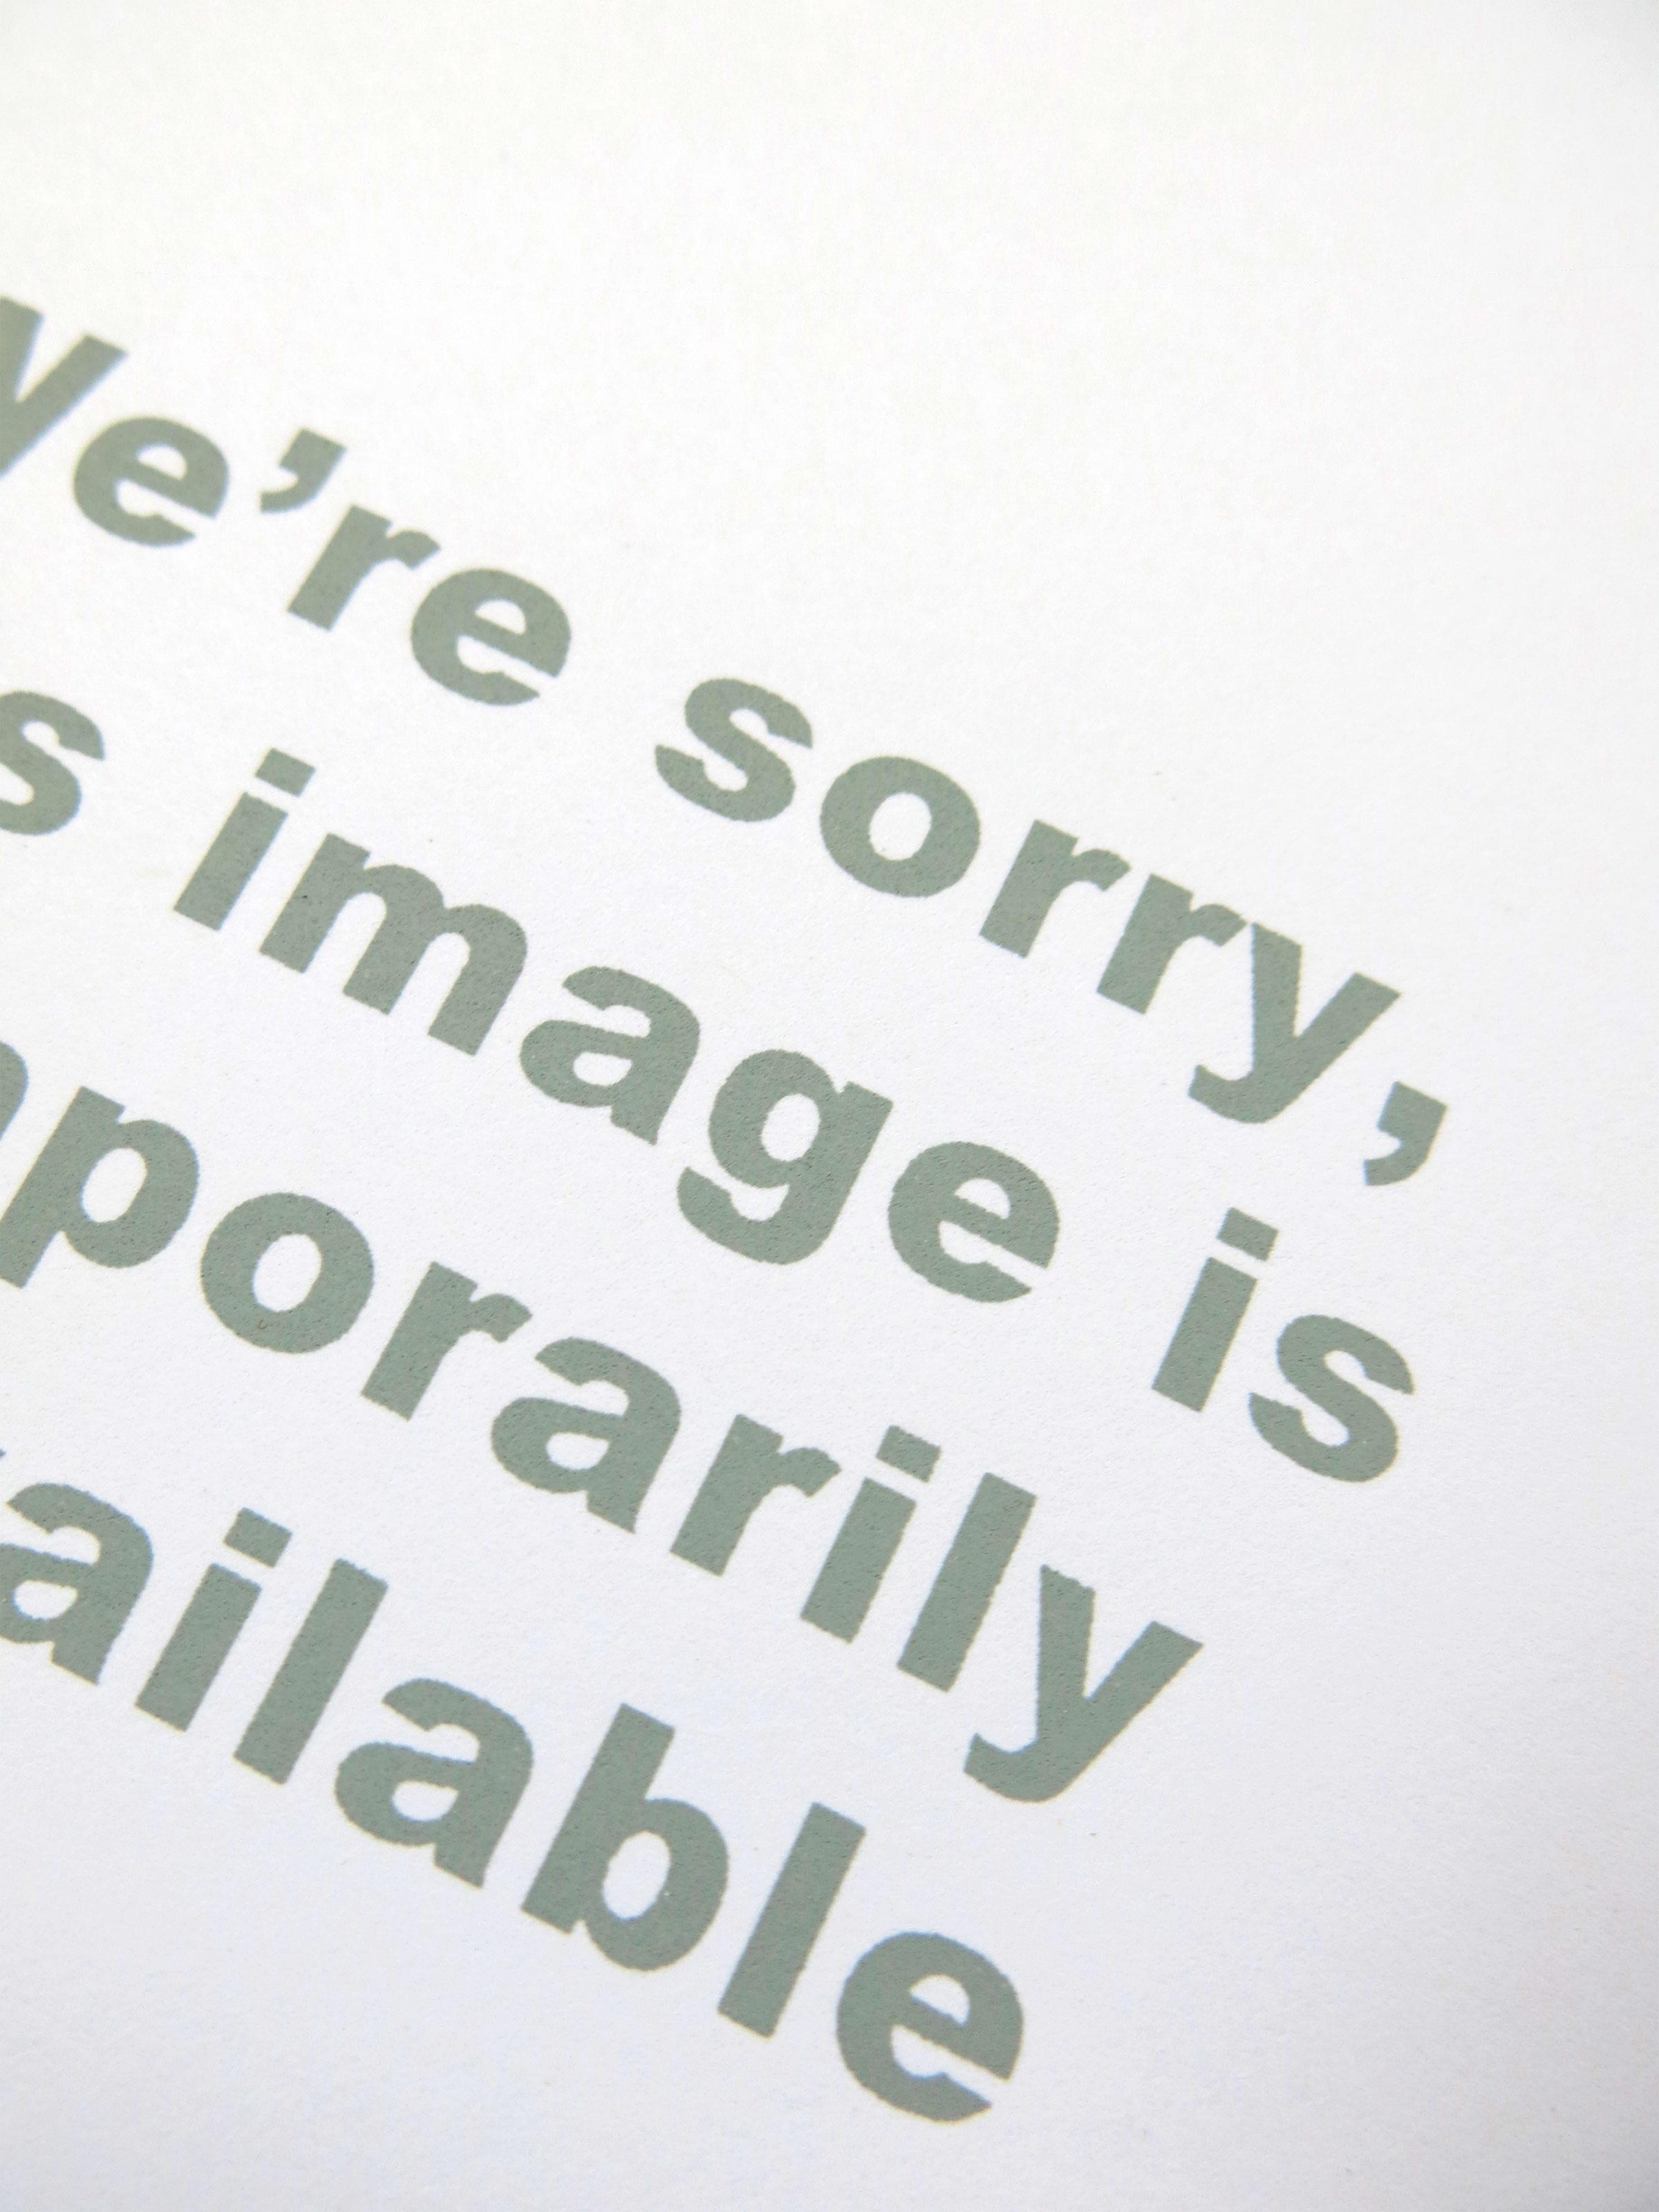 Poster-detail-01.jpg